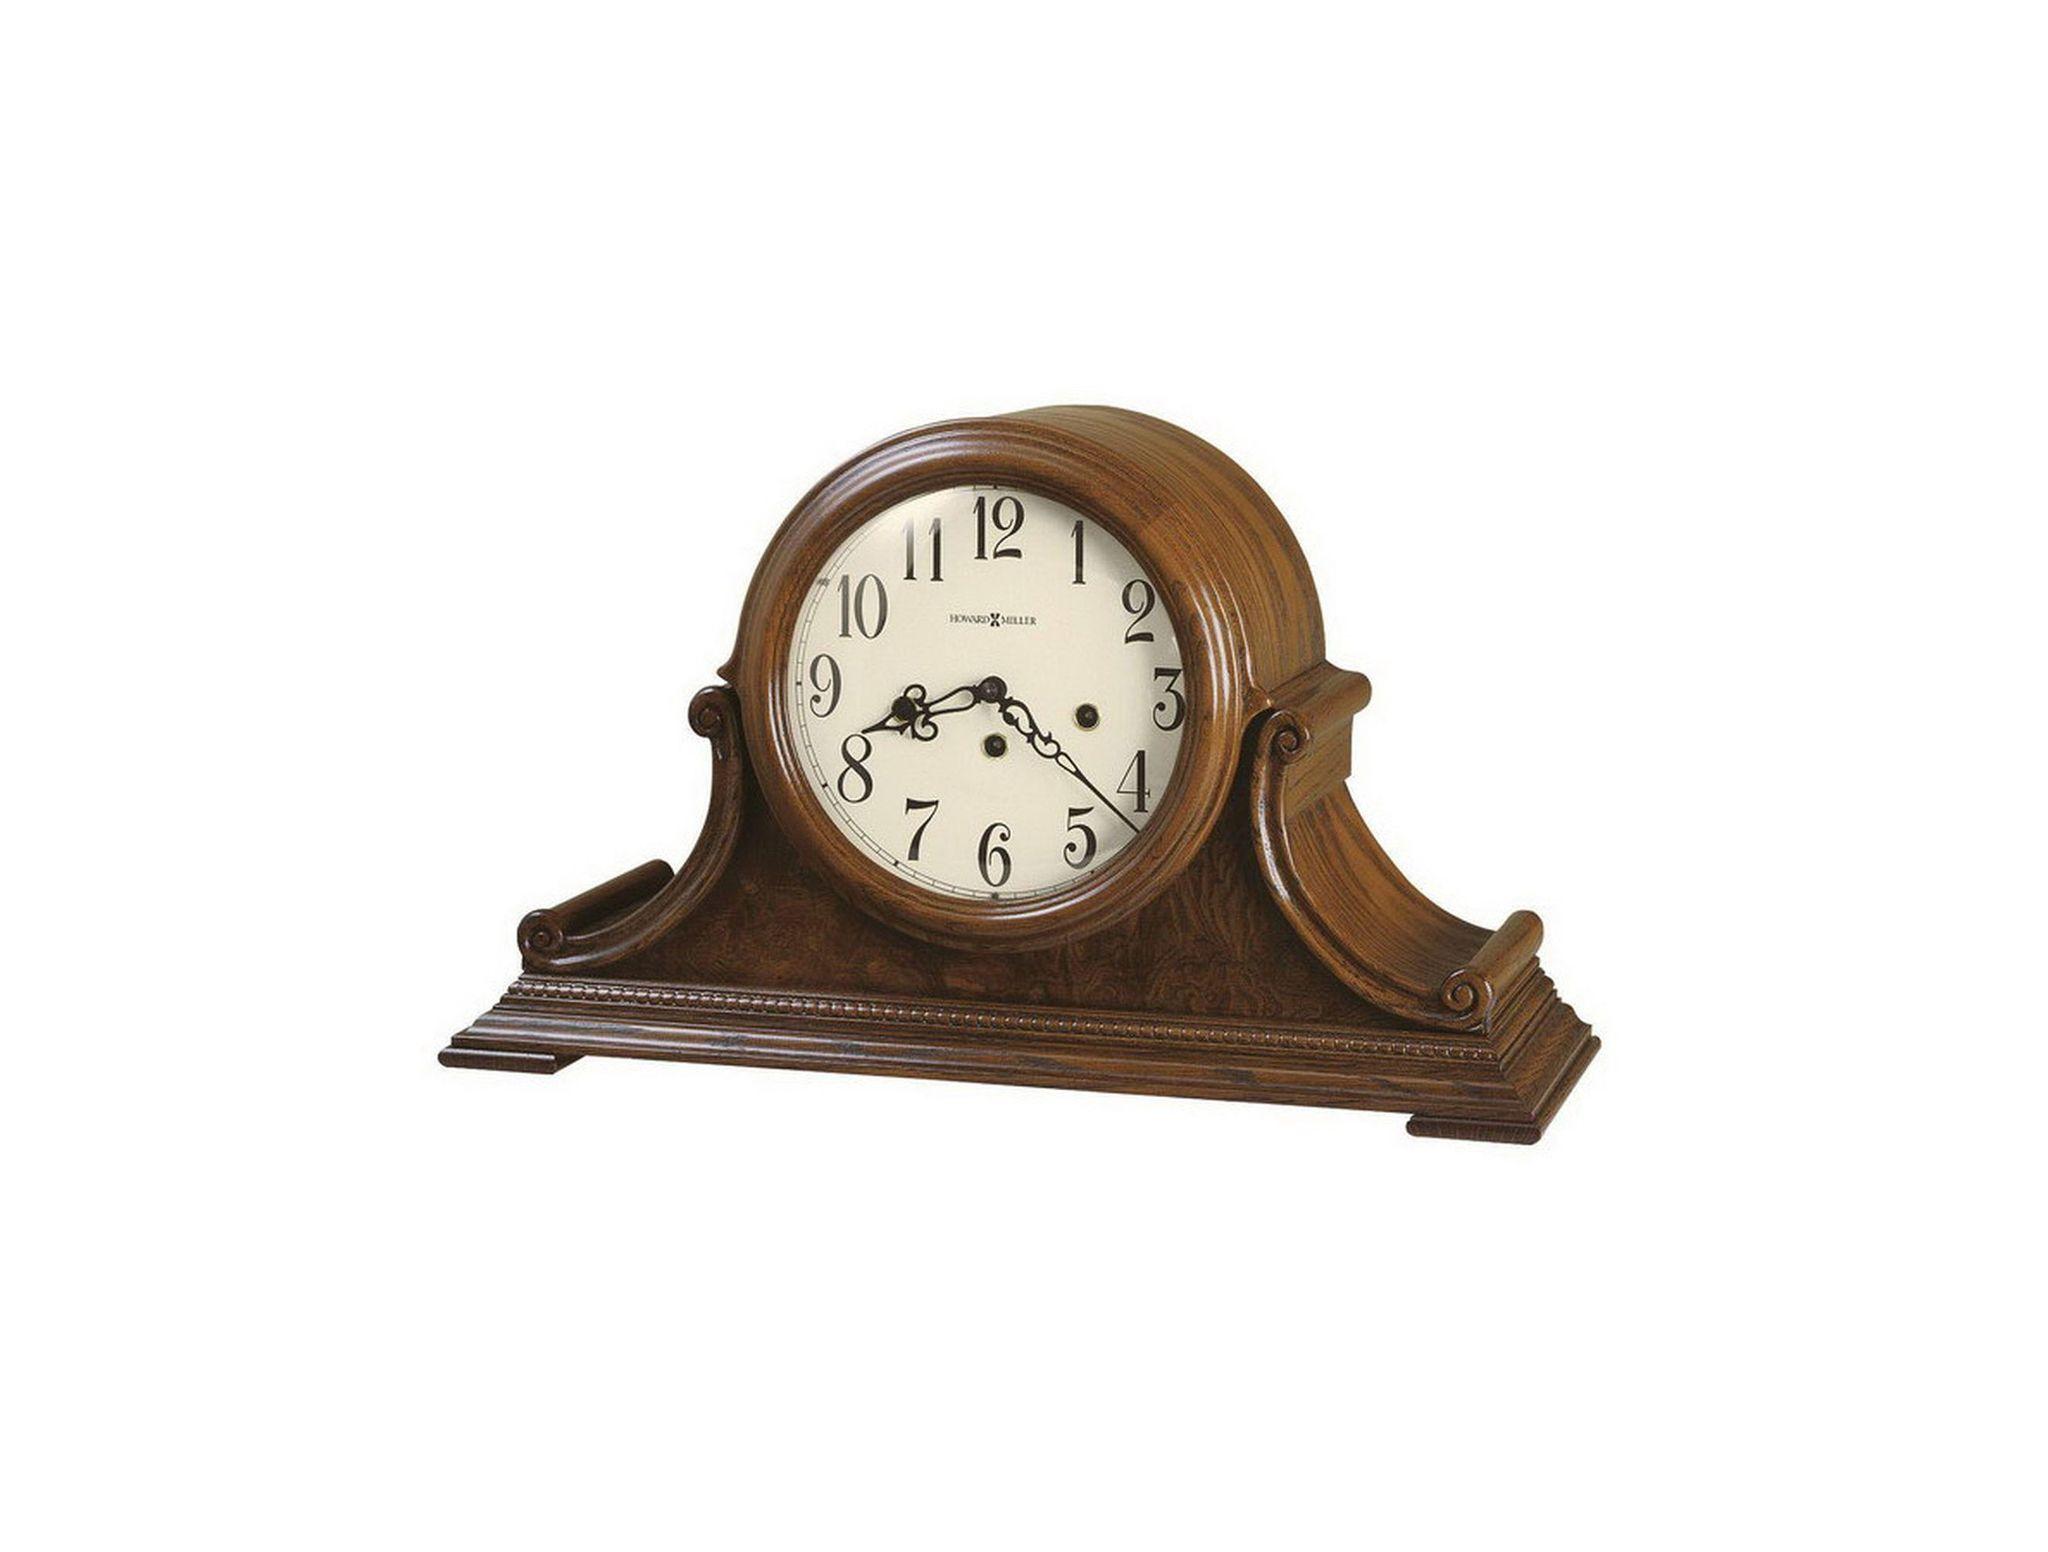 Часы каминные Часы настольные Howard Miller 630-222 Hadley chasy-nastolnye-howard-miller-630-222-ssha.jpg